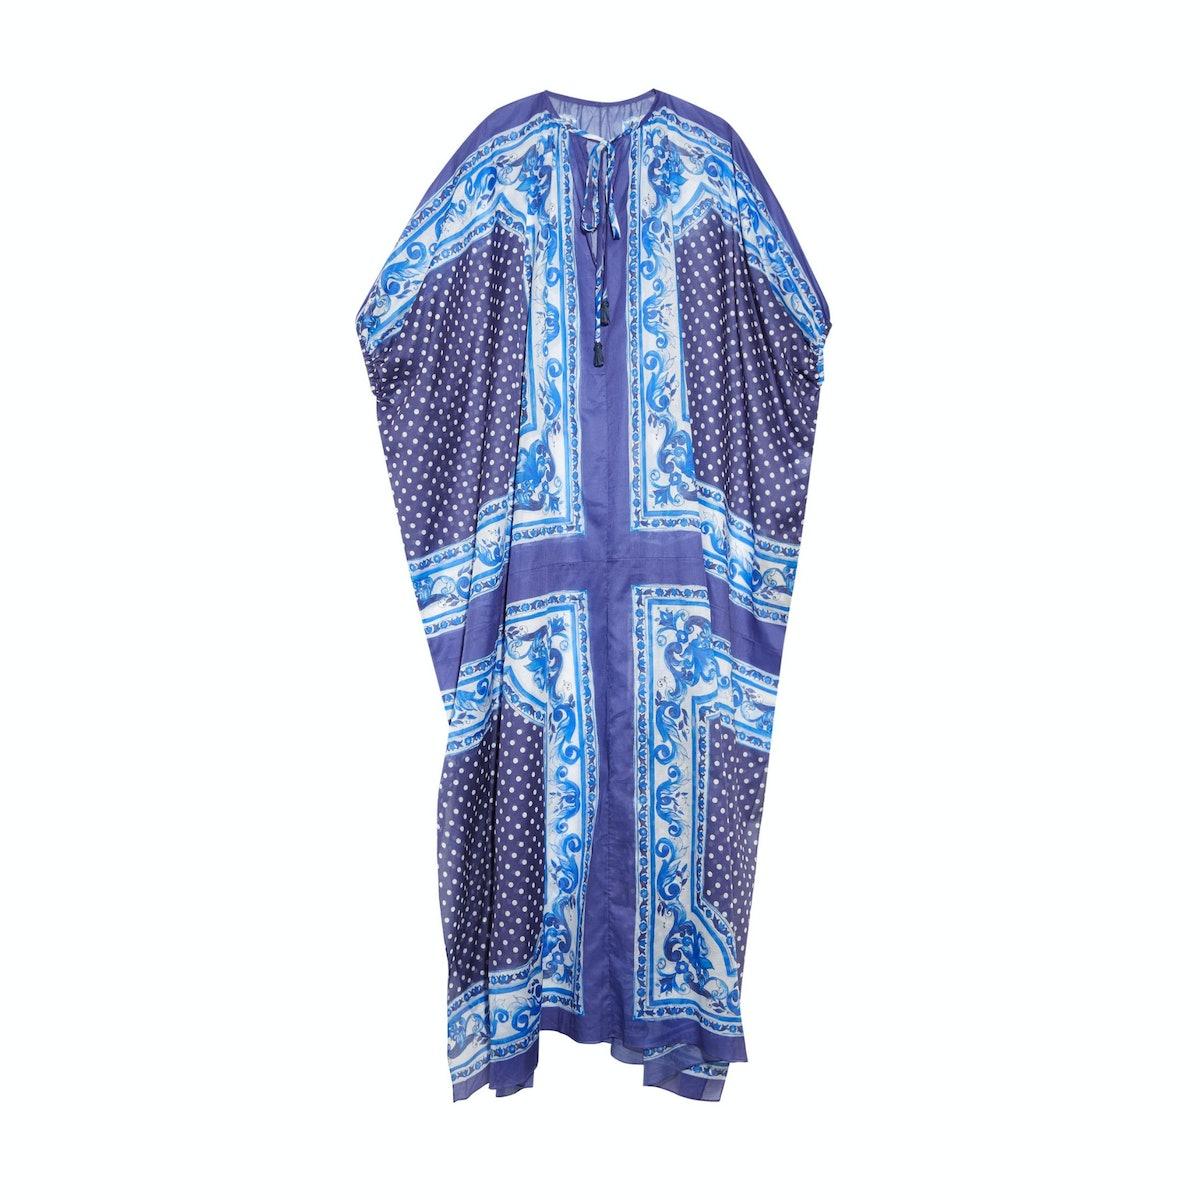 Dolce-&-Gabbana,-MatchesFashion.com,-$1068-1